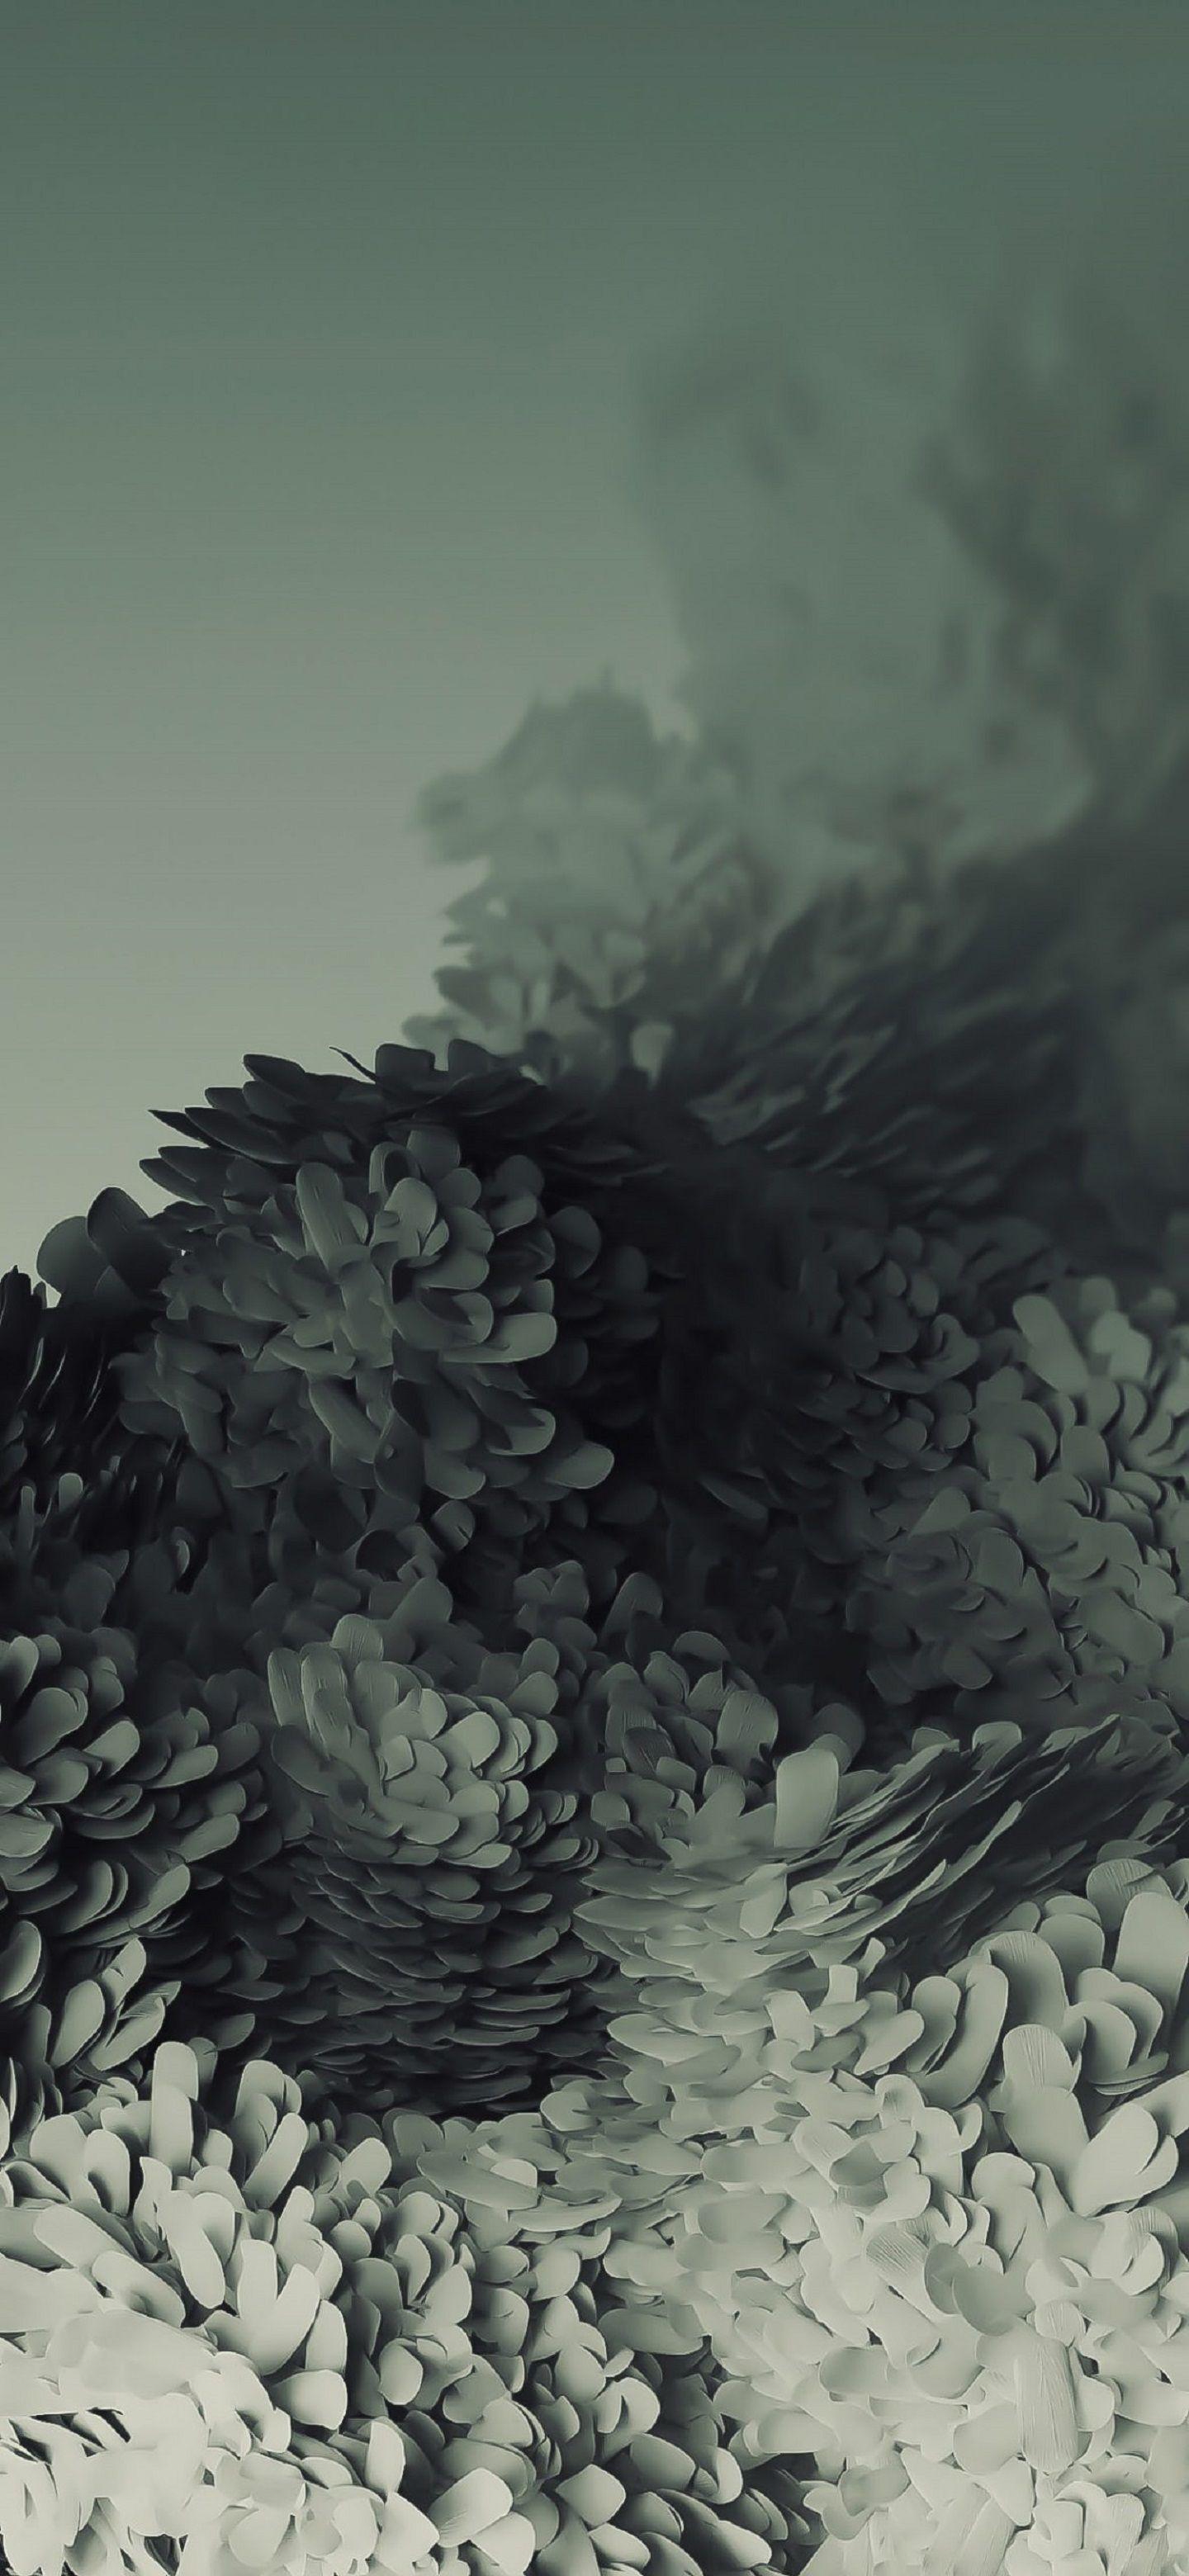 Samsung Galaxy S20 Wallpapers trong 2020 Hình nền, Nghệ